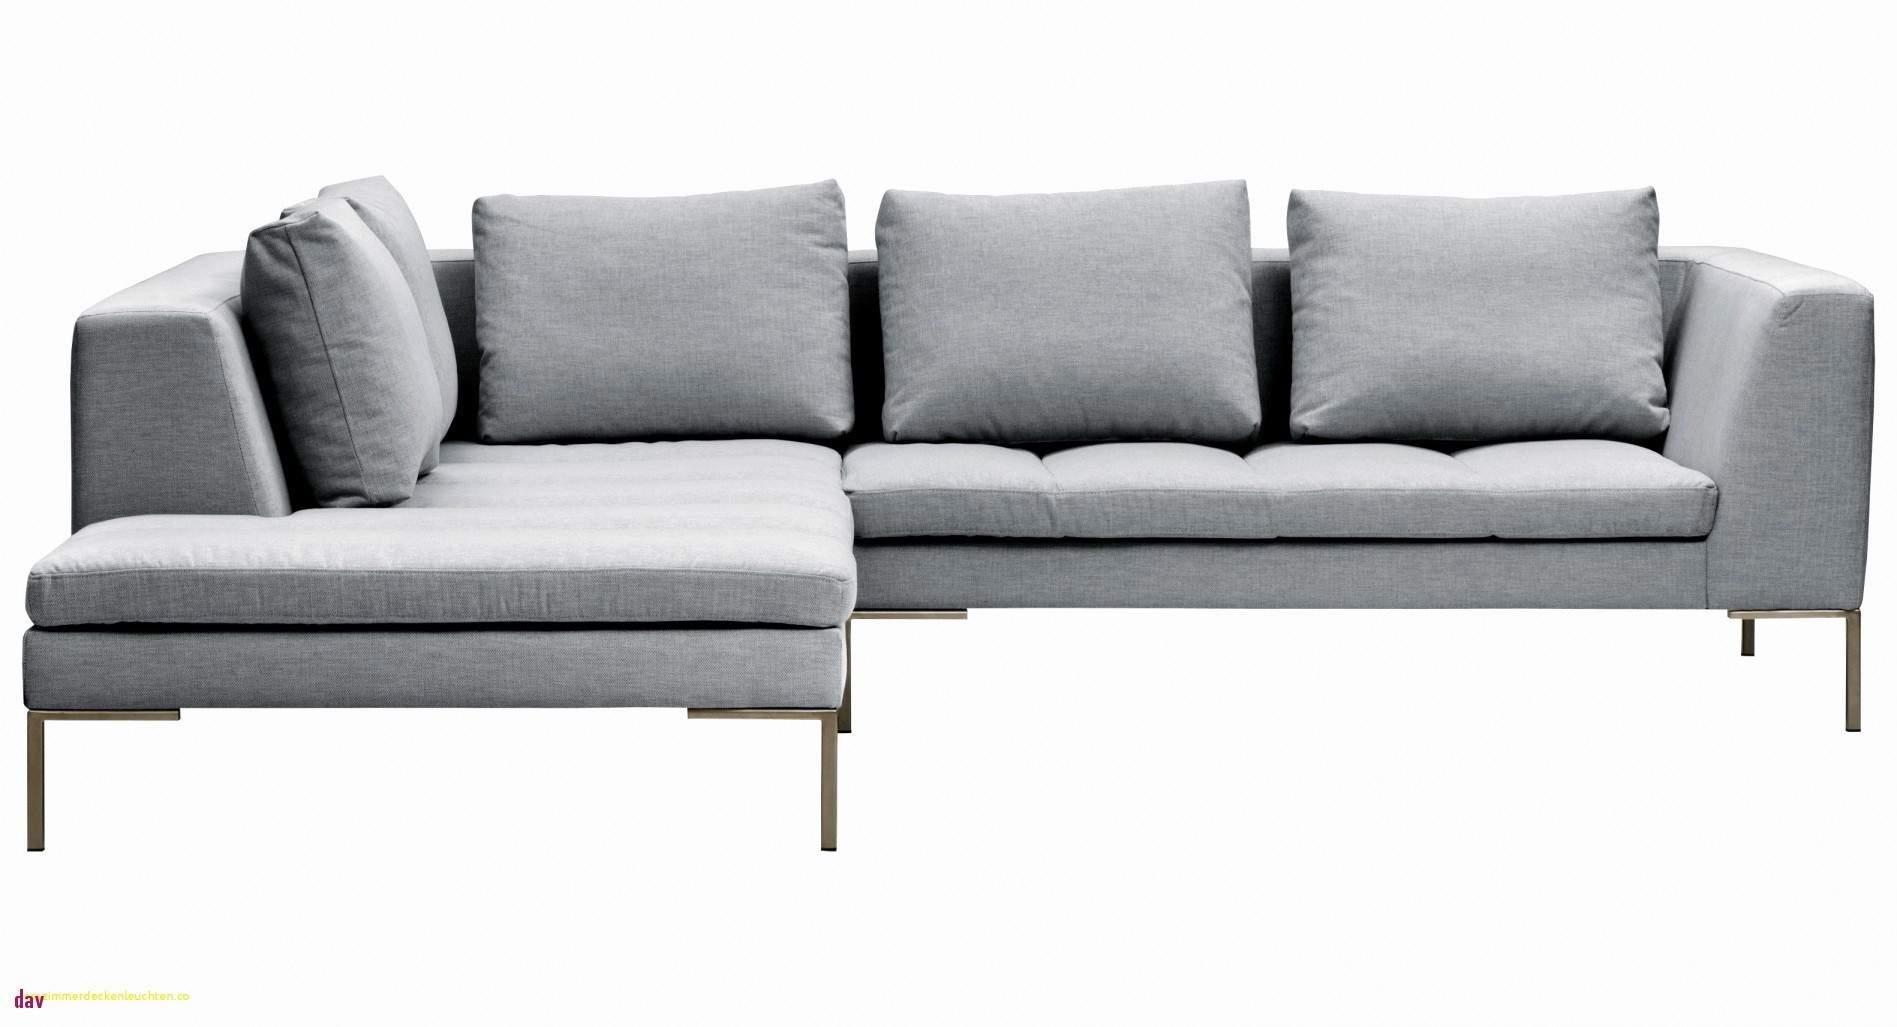 orange ikea sofa beautiful bettsofas ikea luxus schlafcouch ecke frisch poco bettsofa 0d fotos